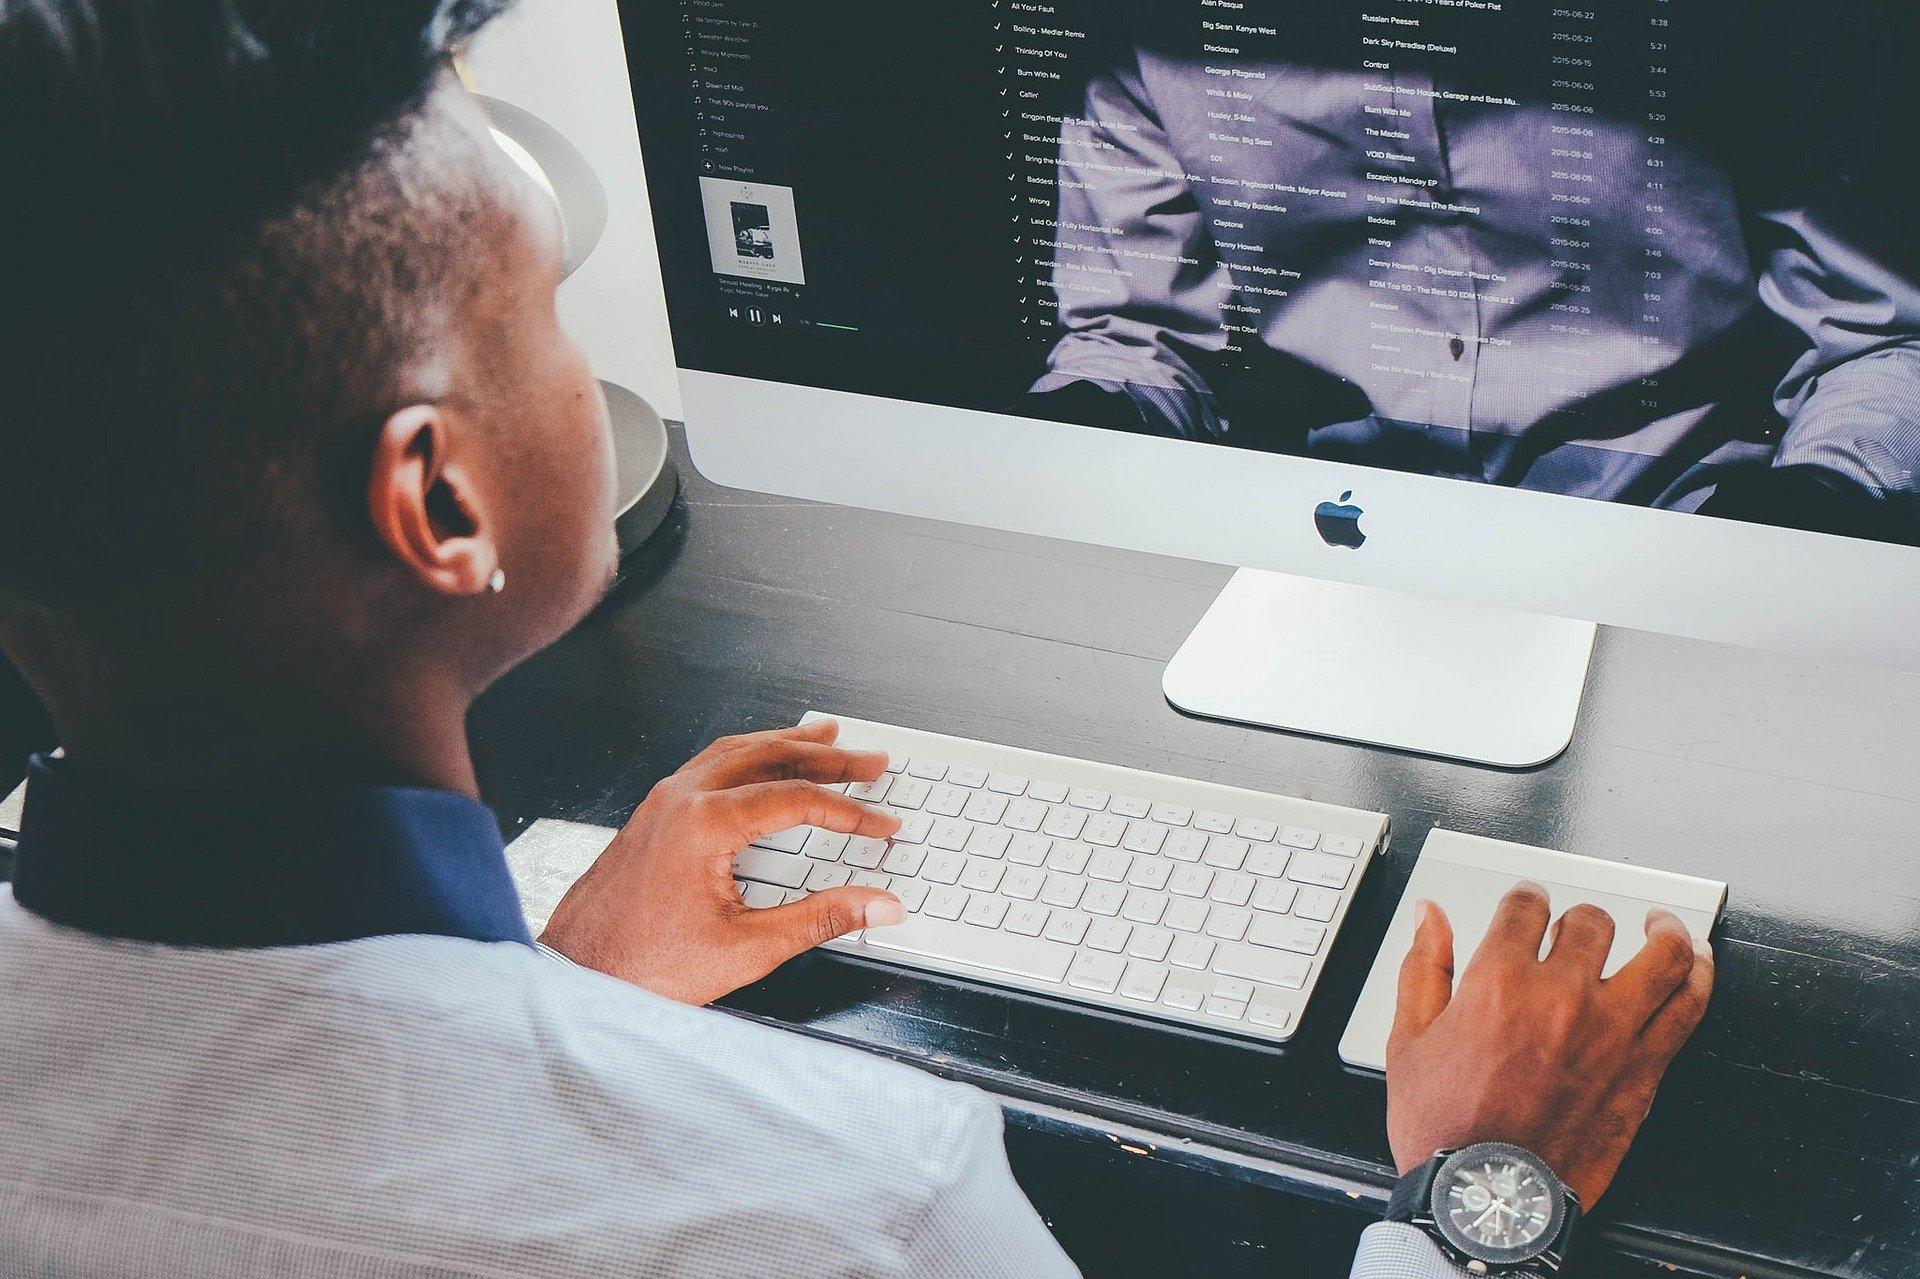 Home office fez ameaças cibernéticas saltarem de 15 para 75 milhões